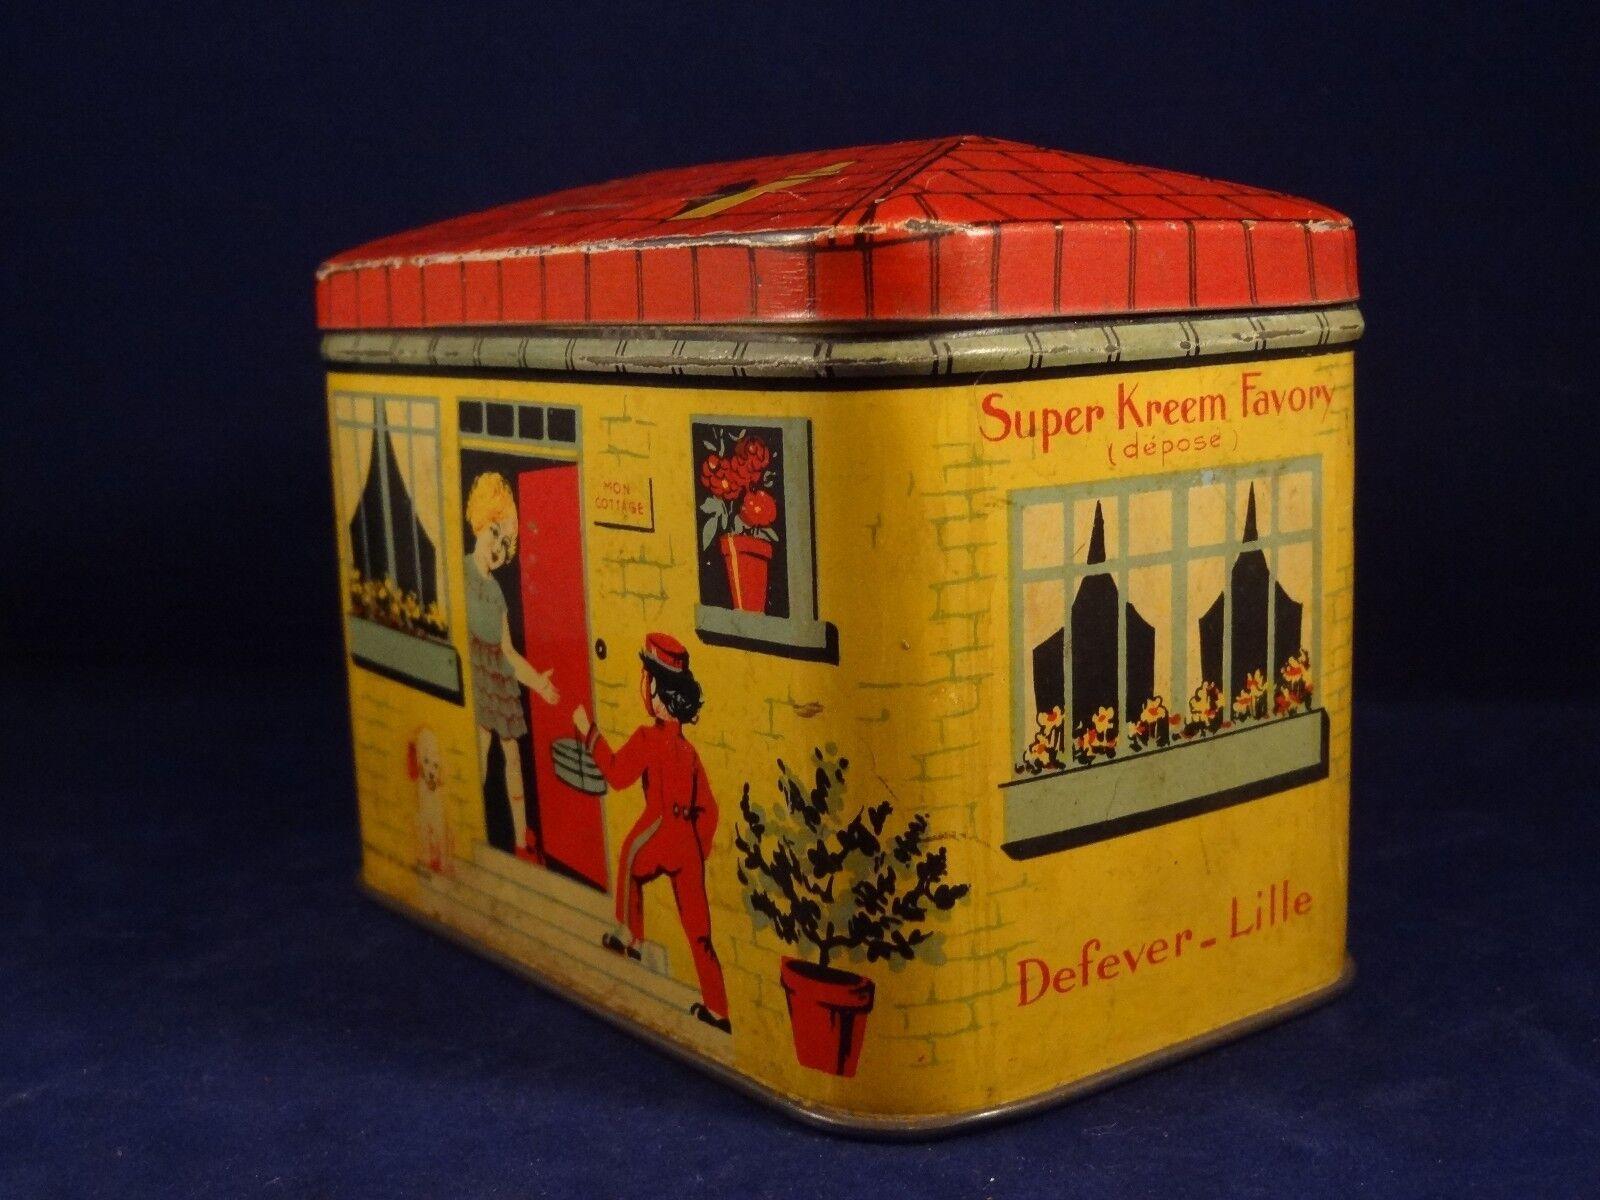 Ancienne boîte tôle maison tirelire livreur Super Kreem - Favory Defever - Kreem Lille 30f79c